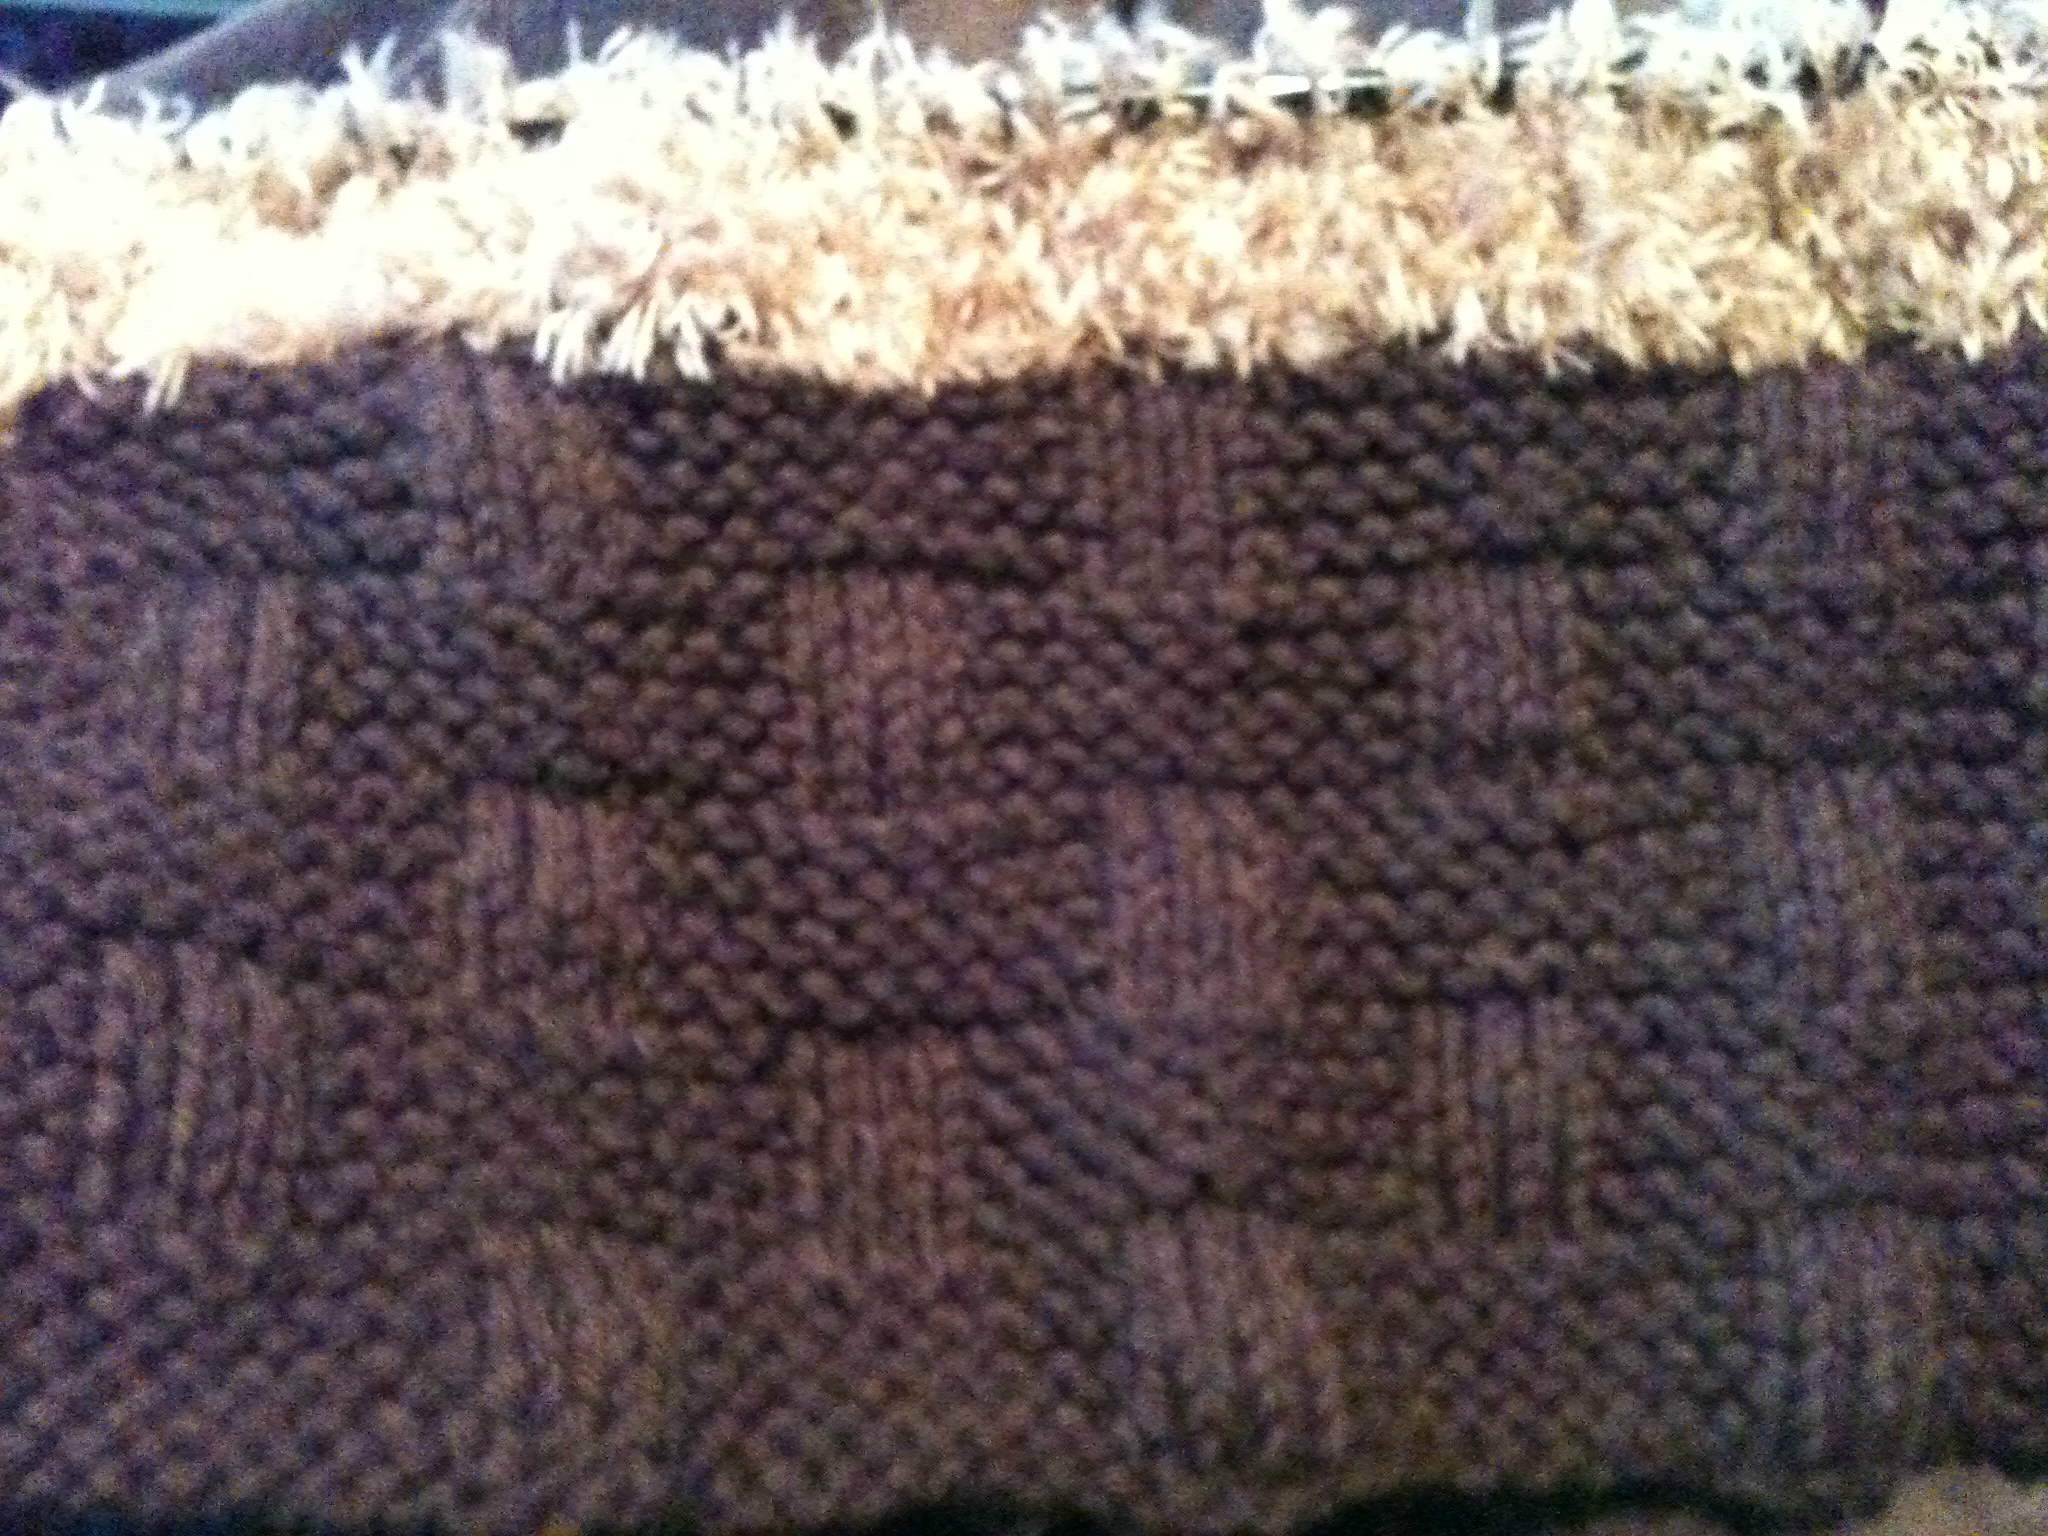 Mod le tricoter b b une couverture - Tricoter une couverture pour bebe ...